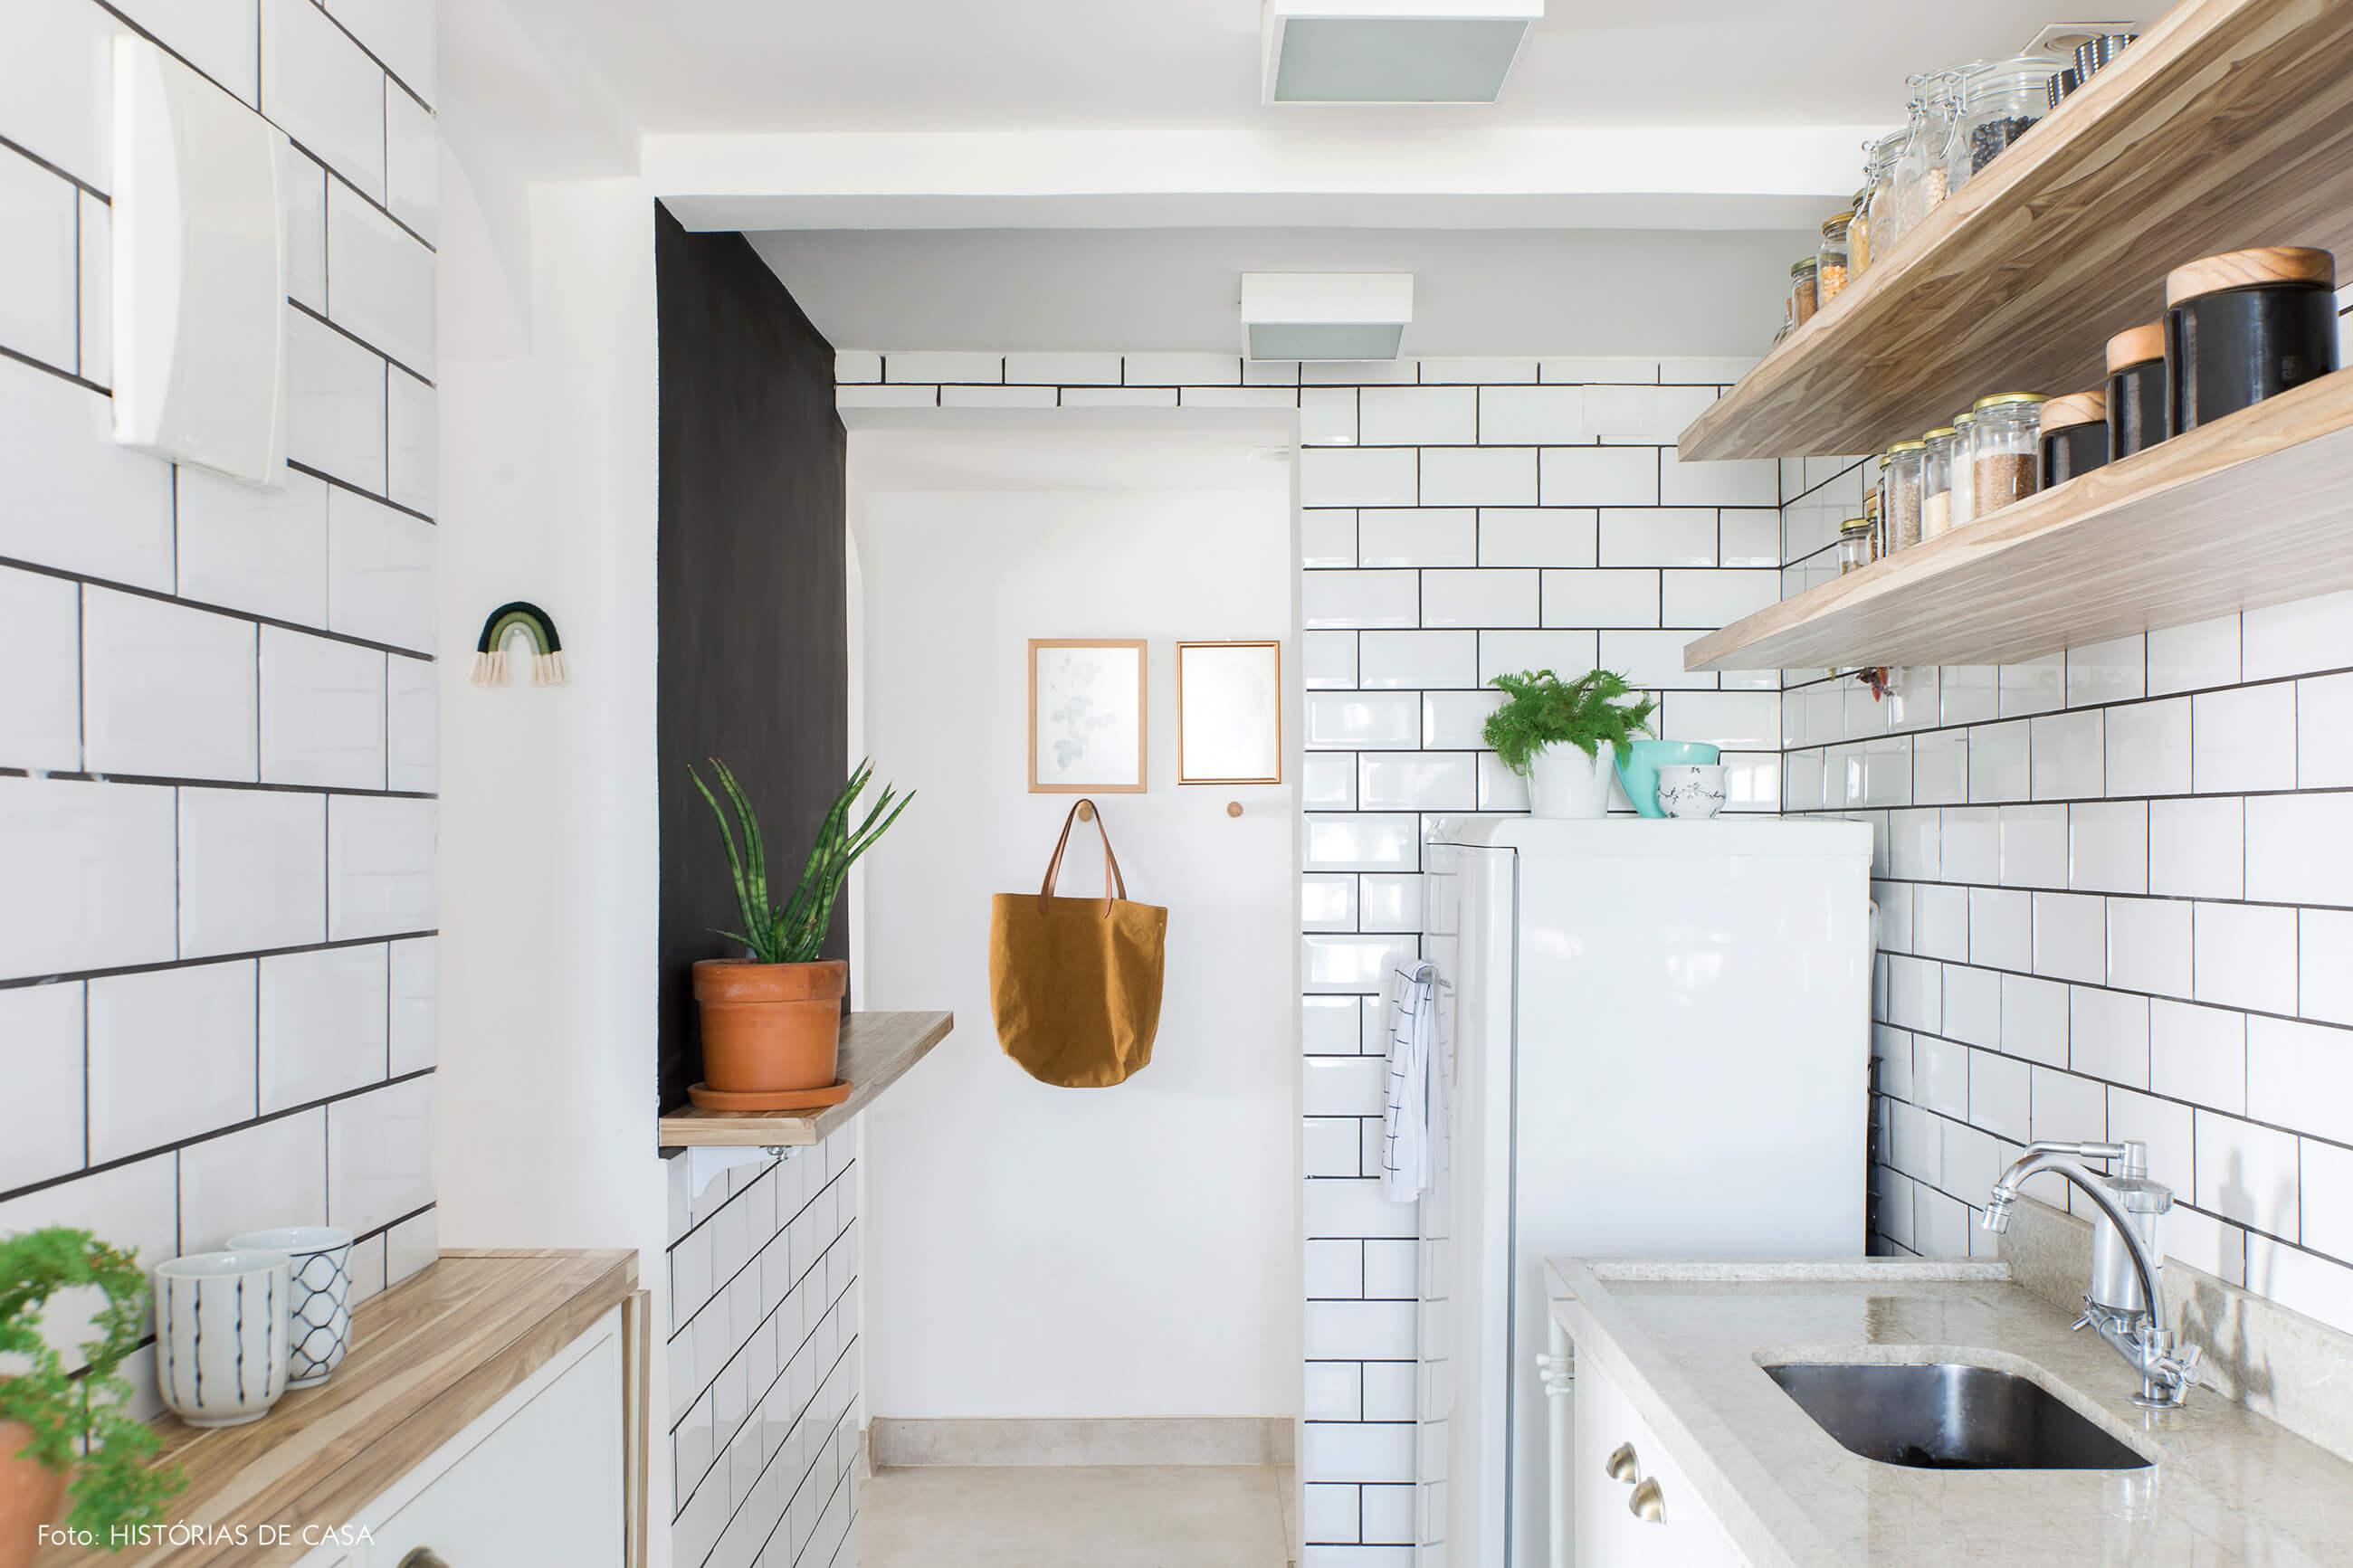 Apartamento pequeno com cozinha tipo corredor e azulejos de metrô